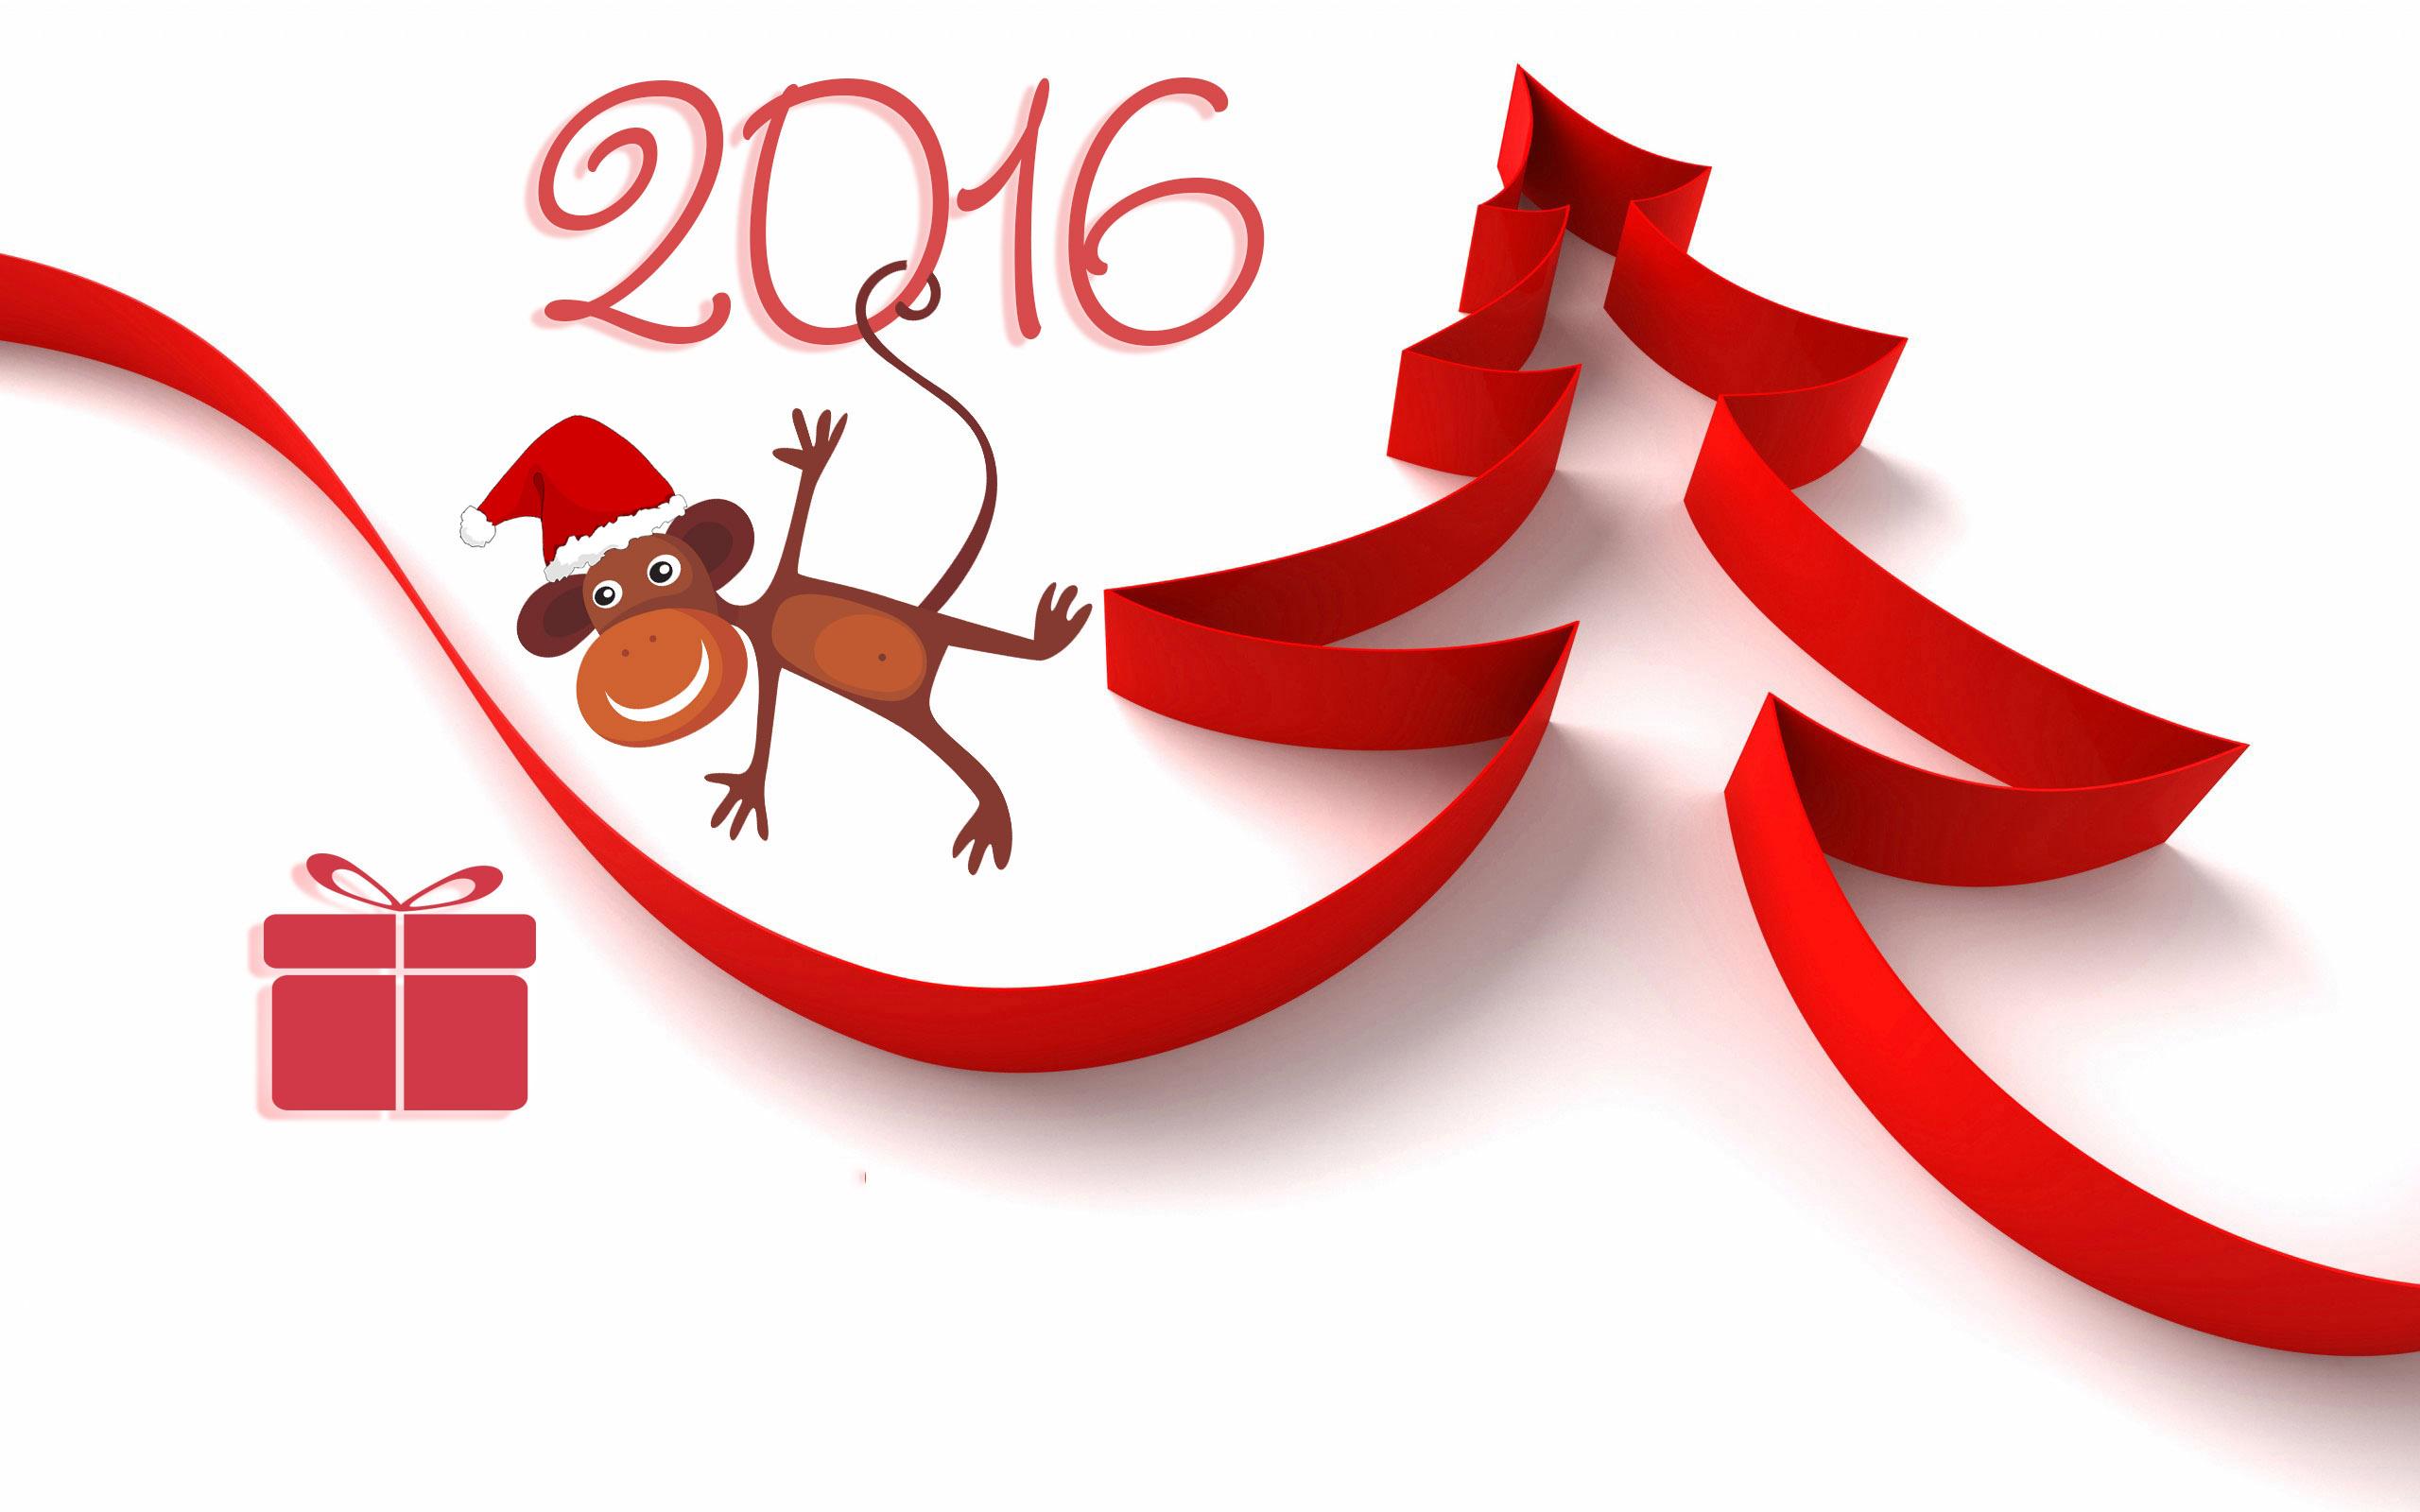 новый год 2016 год